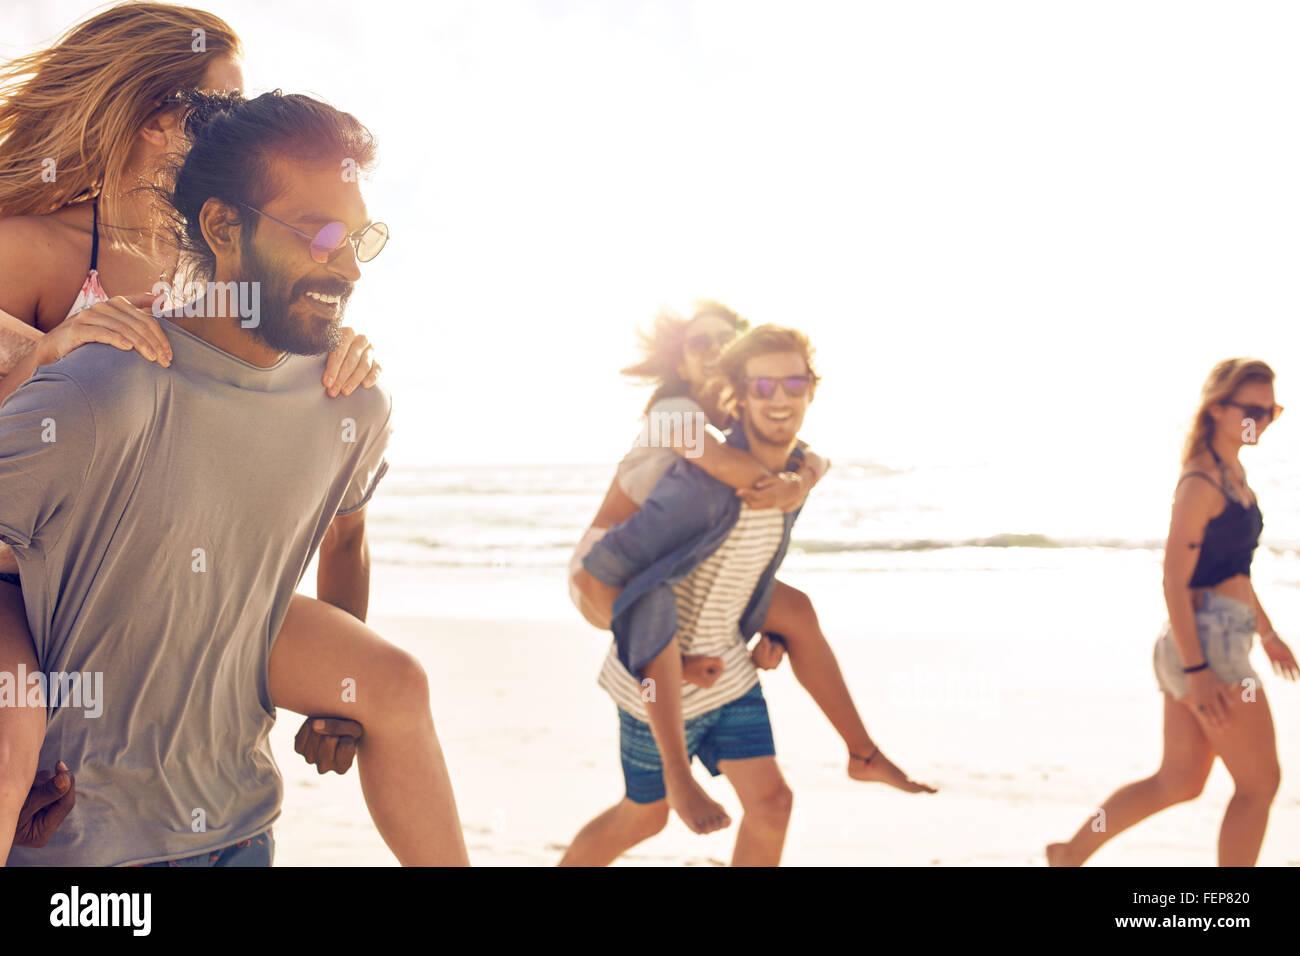 Gruppe von Freunden, die Spaß am Strand, junge Männer, die Frauen am Ufer Meeres Huckepack. Junge Menschen Stockbild